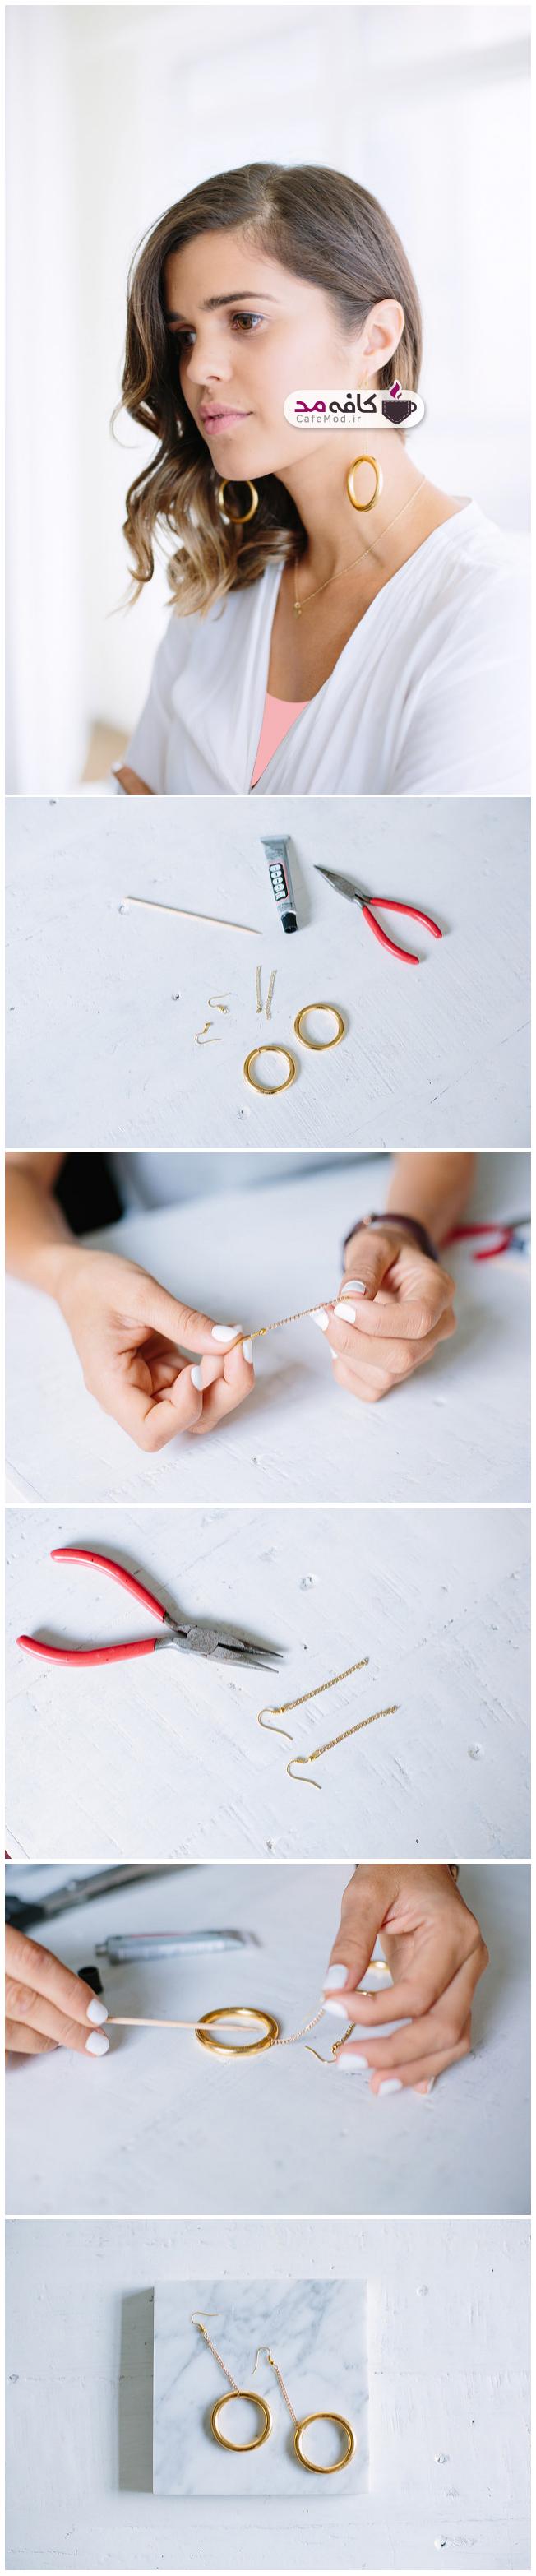 آموزش ساخت گوشواره حلقه ای